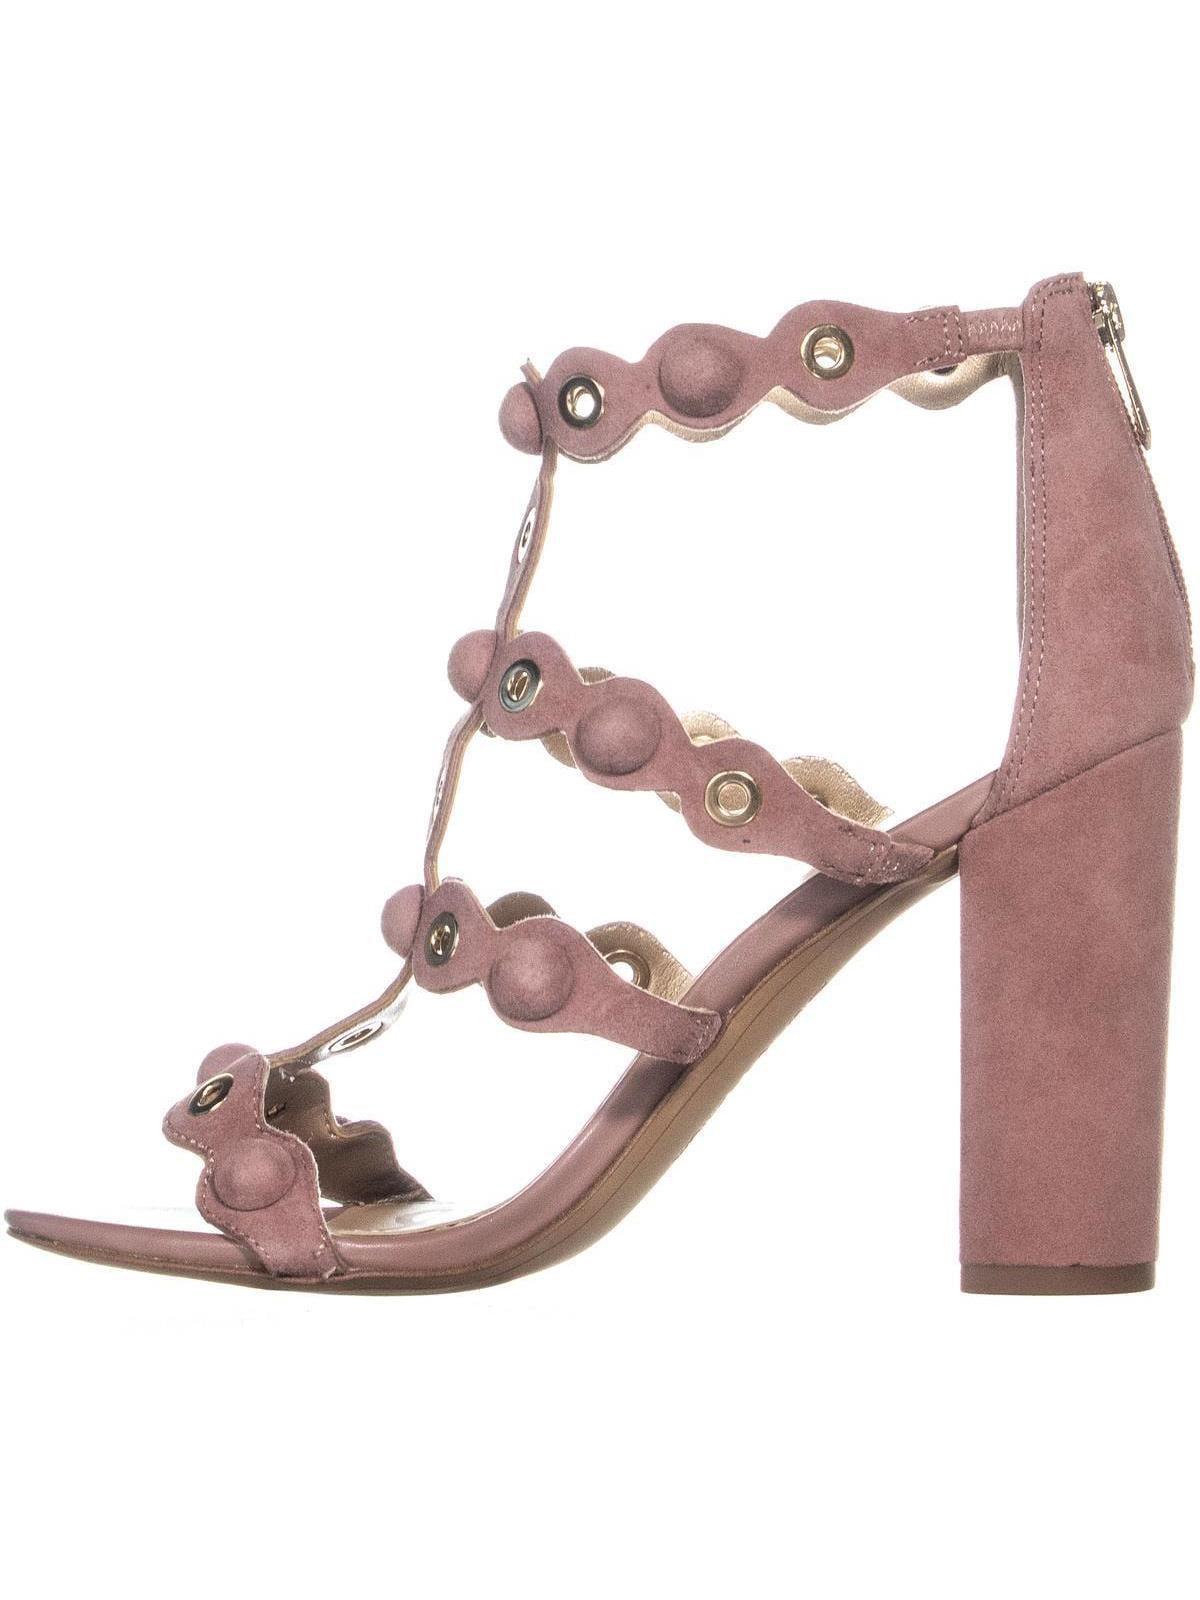 7045ffae2aba Sam Edelman - Womens Sam Edelman Yuli Strappy Heeled Sandals